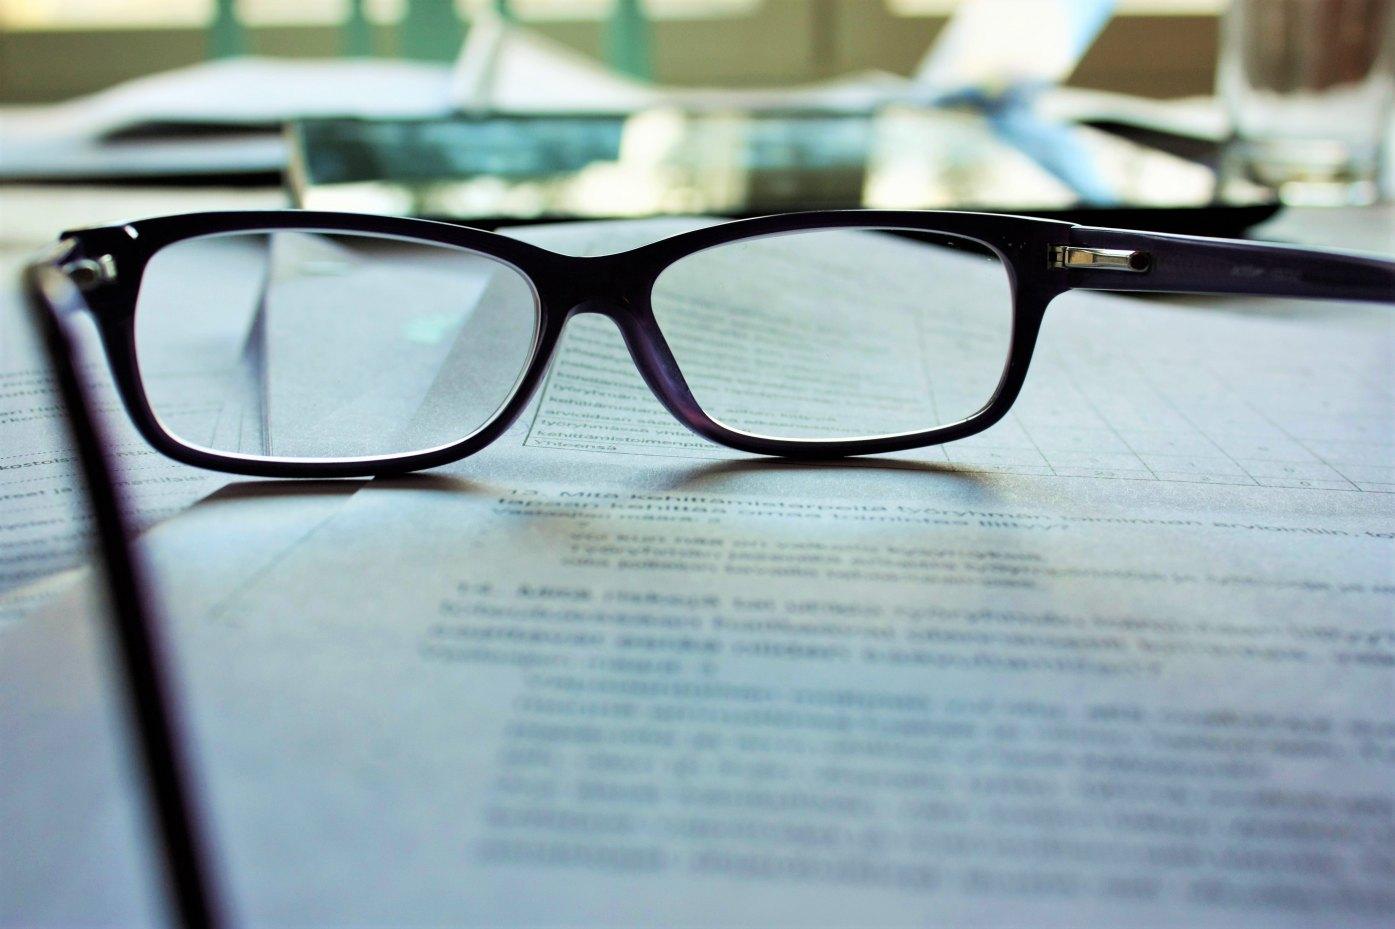 Contrat De Travail Cdi Intermittent Cdii Legisocial